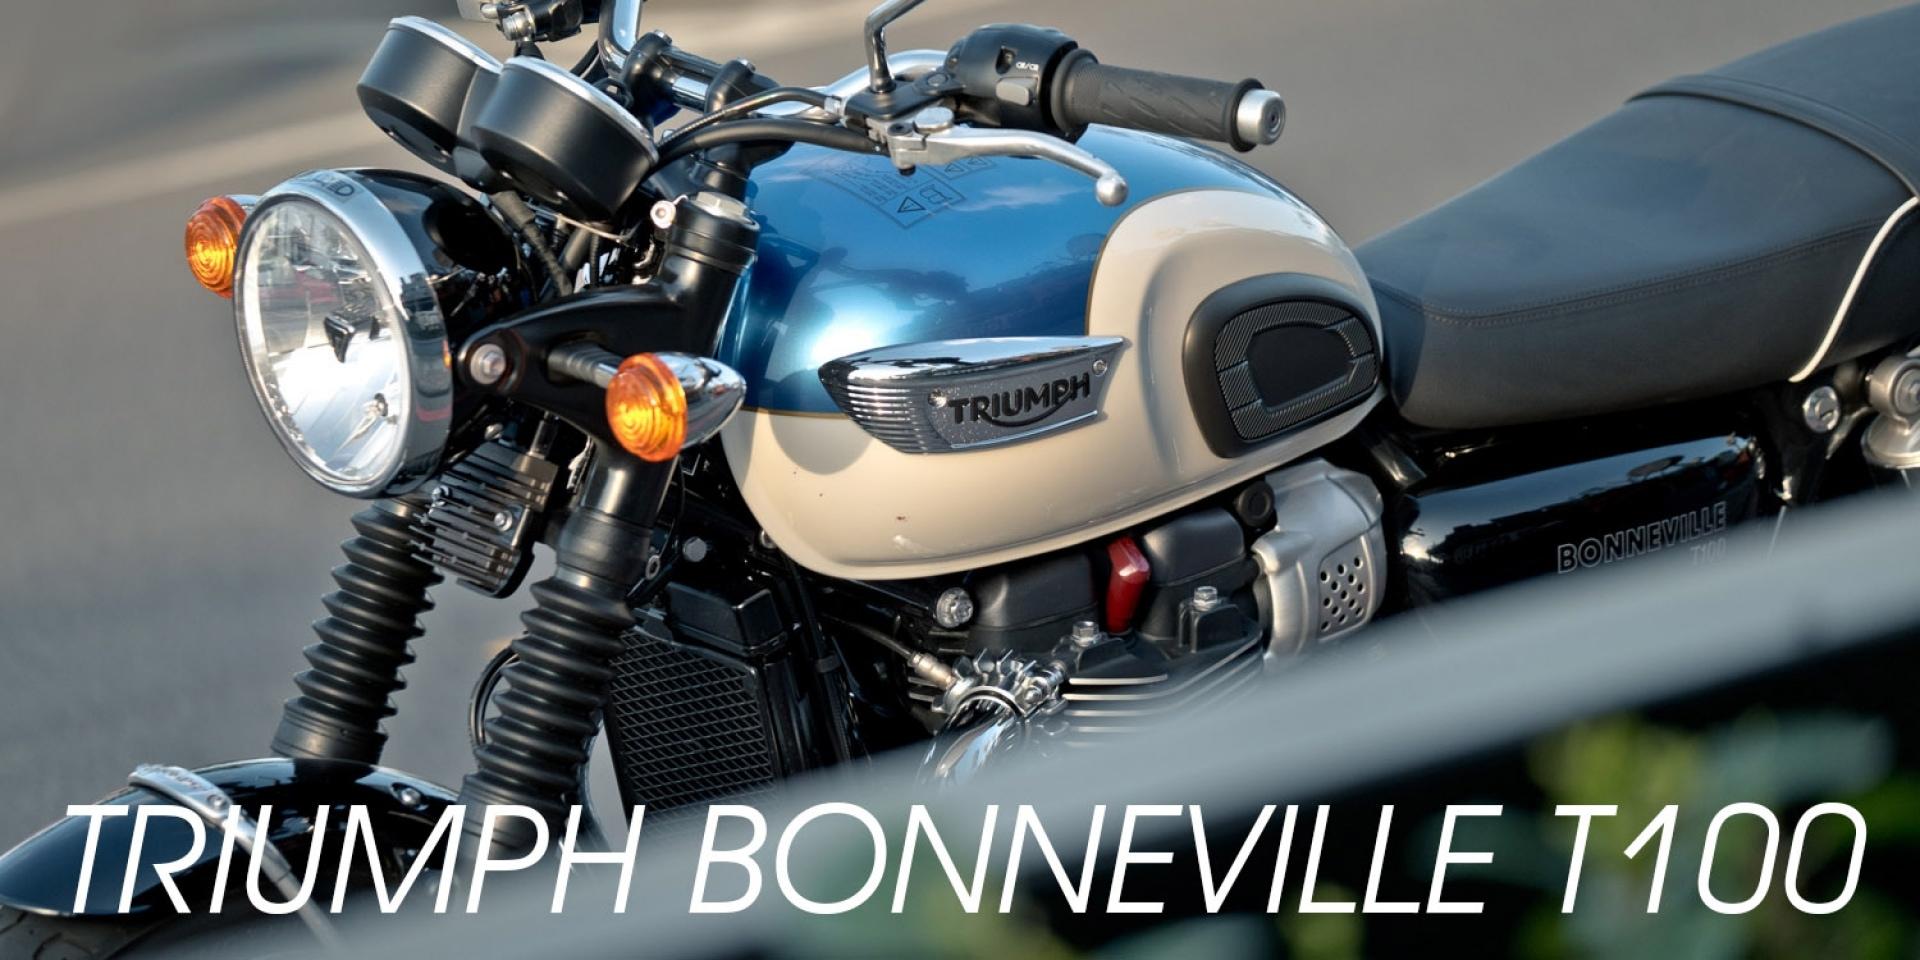 經典不朽。2017大改款TRIUMPH BONNEVILLE T100